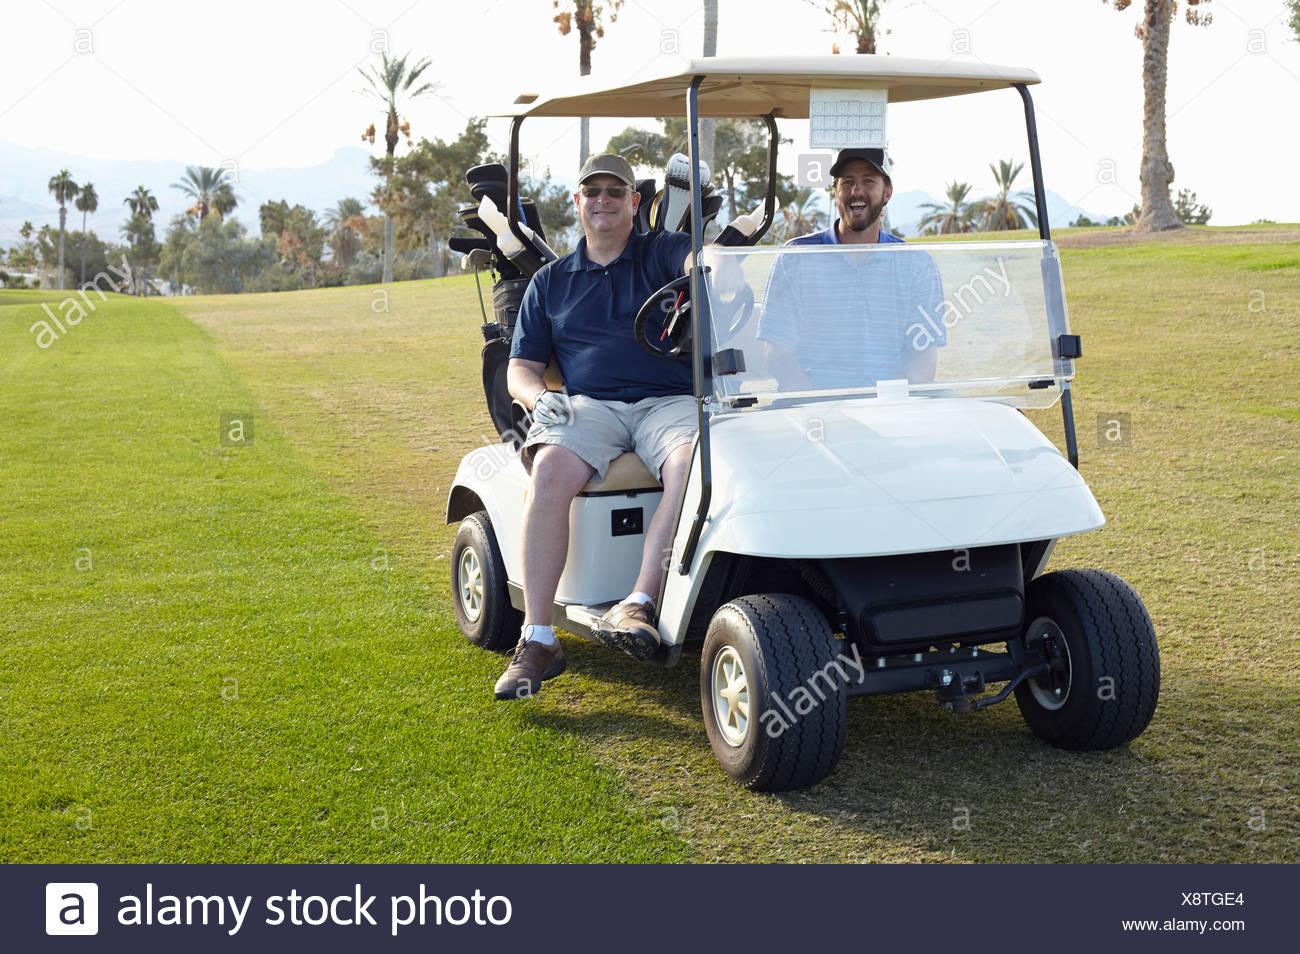 Porträt von zwei männlichen Golfer im Golfbuggy Stockbild